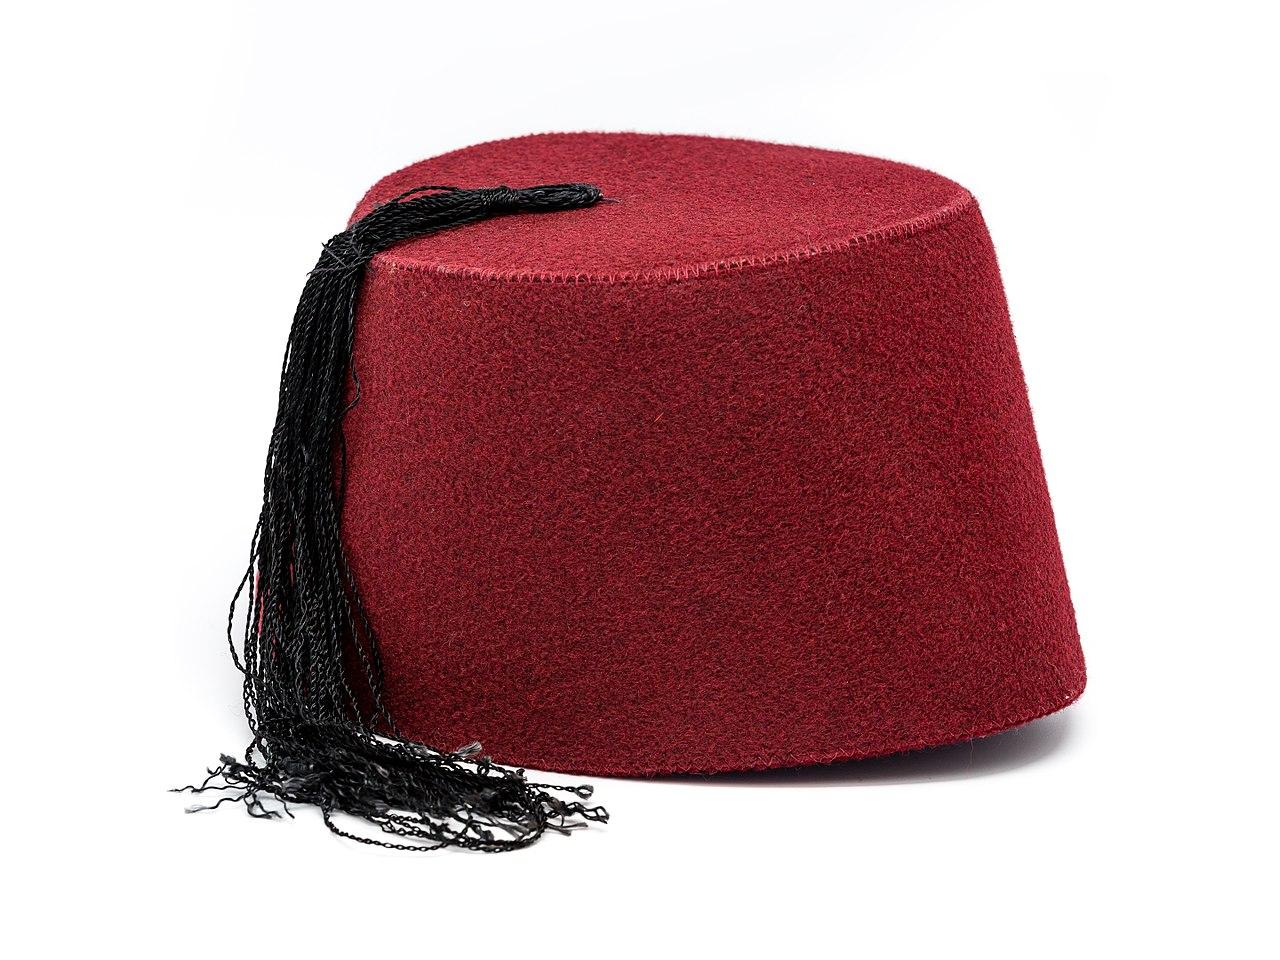 Bildergebnis für fez